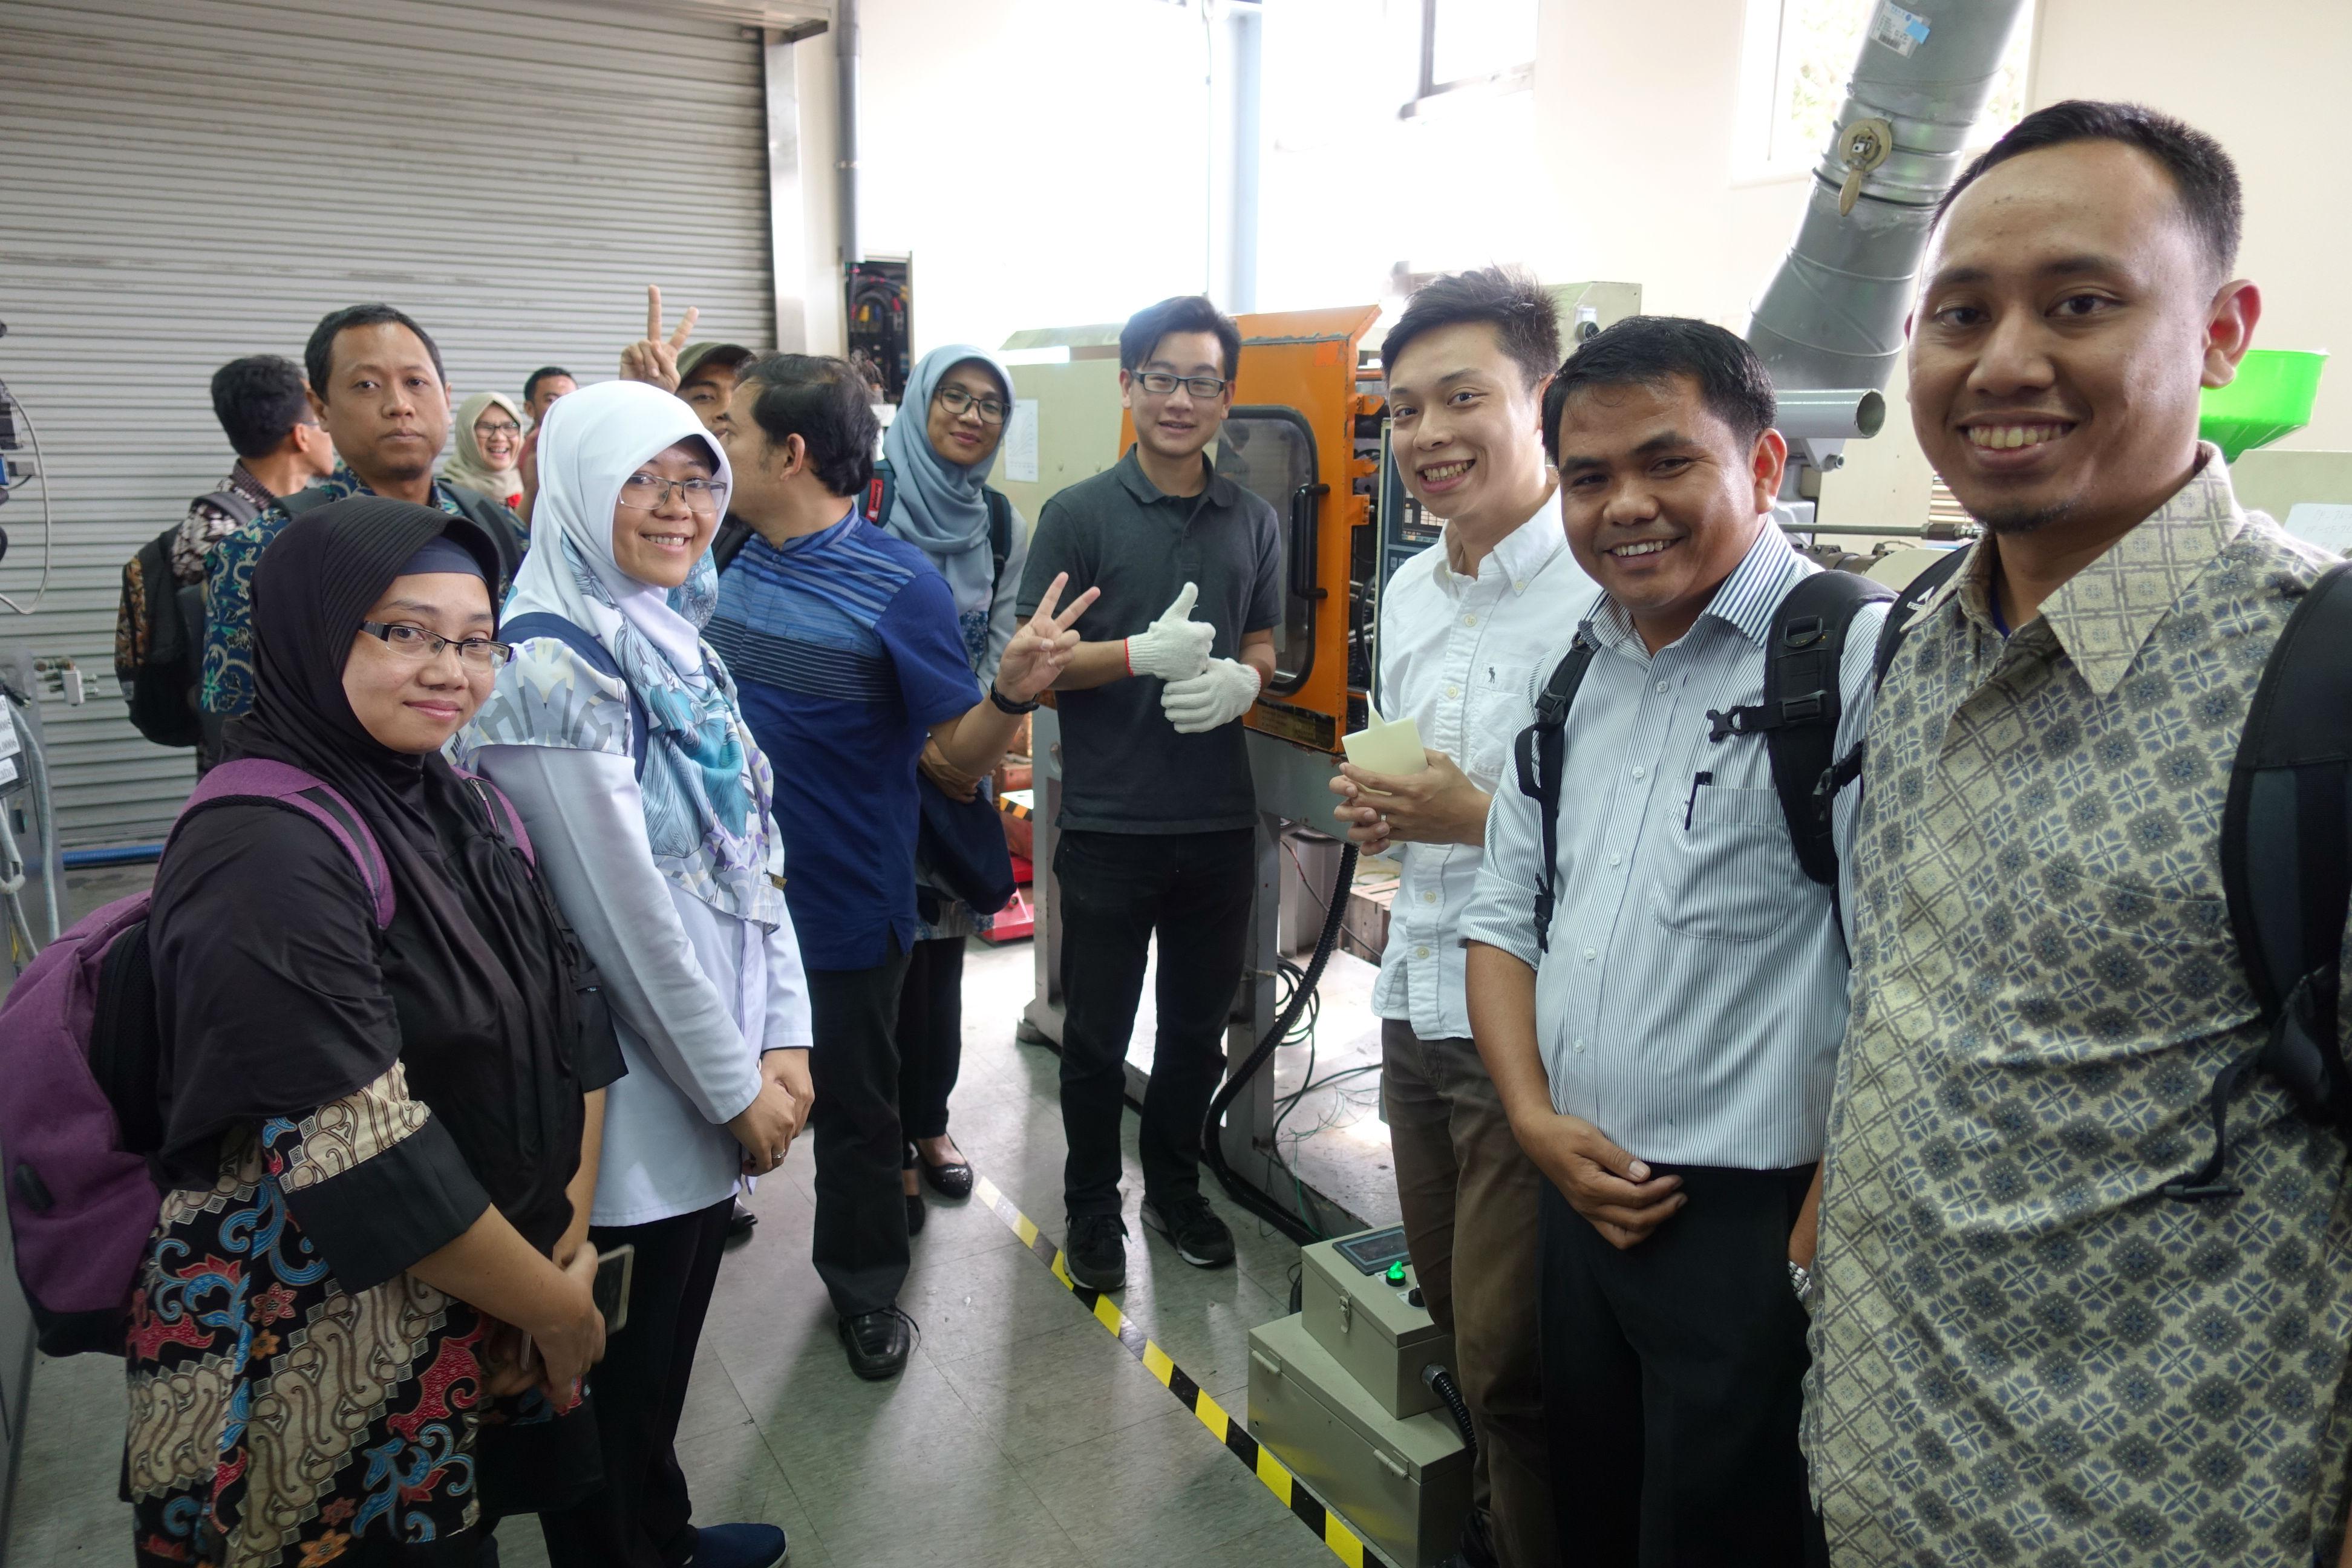 中原大學為印尼教師舉辦工業4.0短訓班-2.JPG